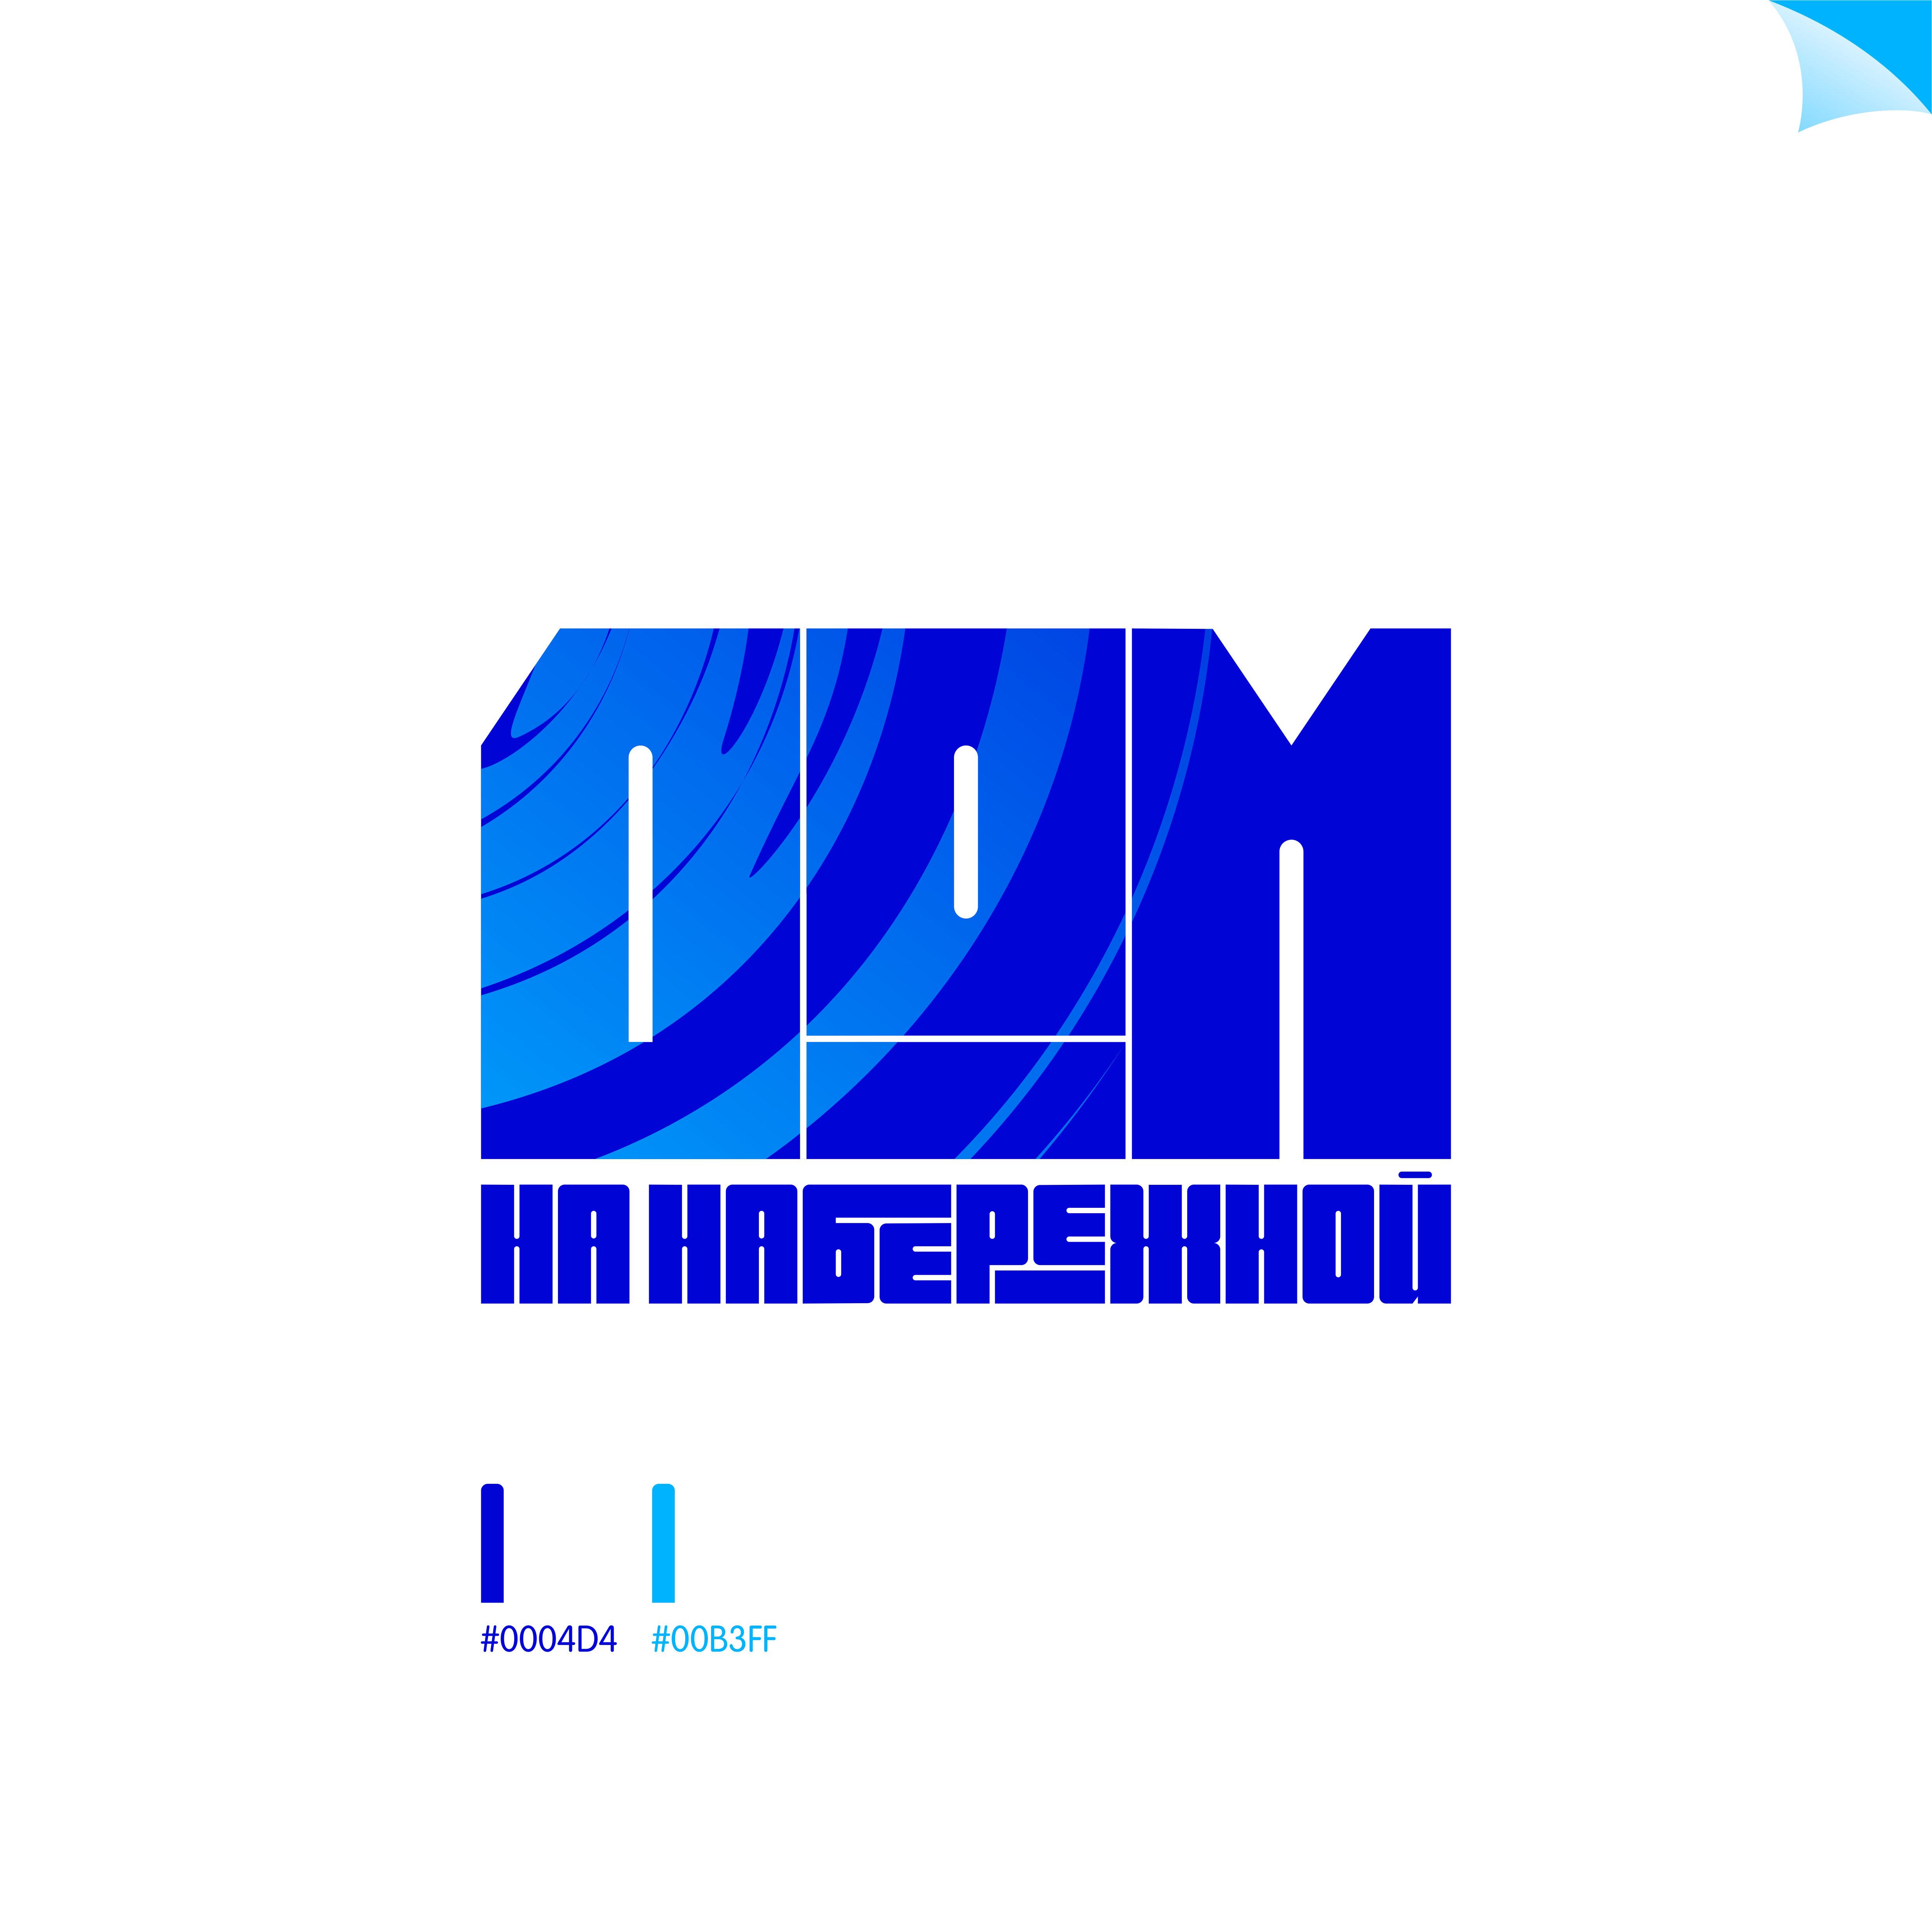 РАЗРАБОТКА логотипа для ЖИЛОГО КОМПЛЕКСА премиум В АНАПЕ.  фото f_8125de9663d540c4.jpg